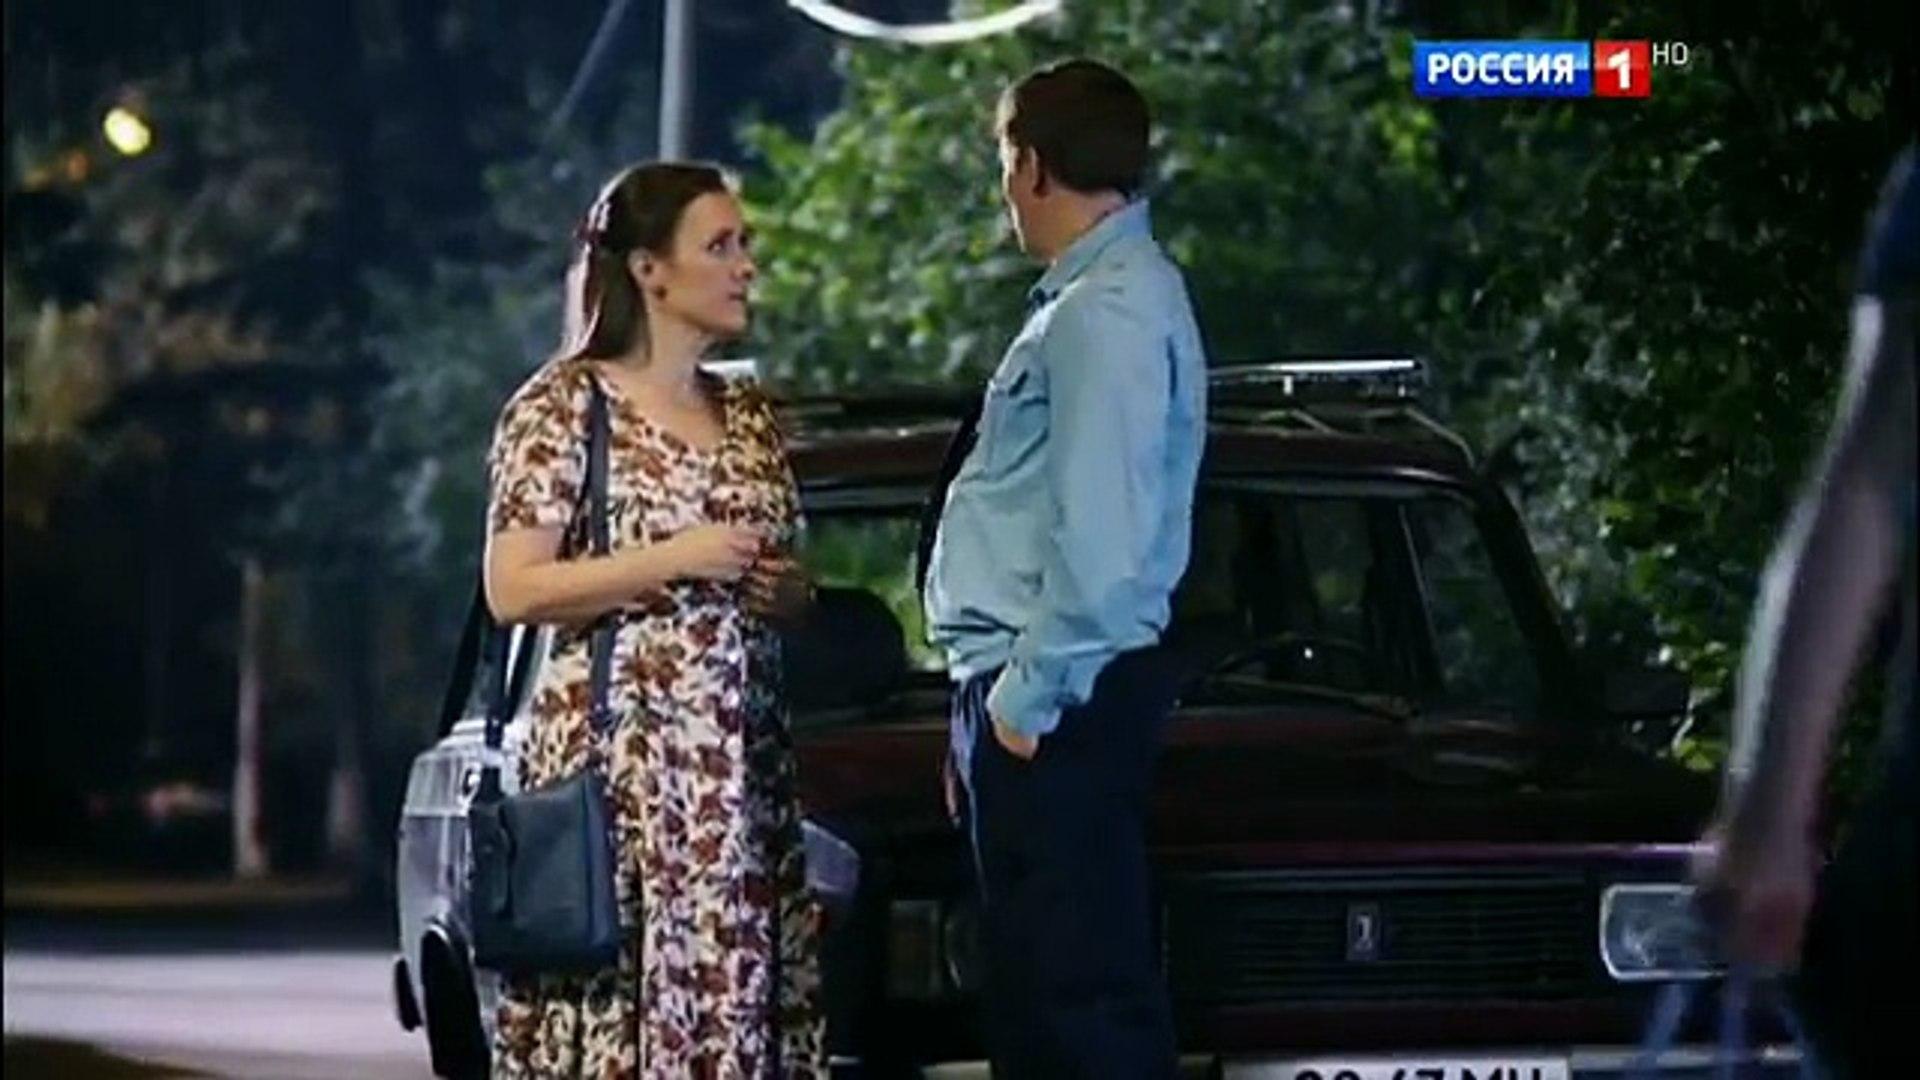 Премьера! Челночницы. Серия 2 (2016) Русские сериалы